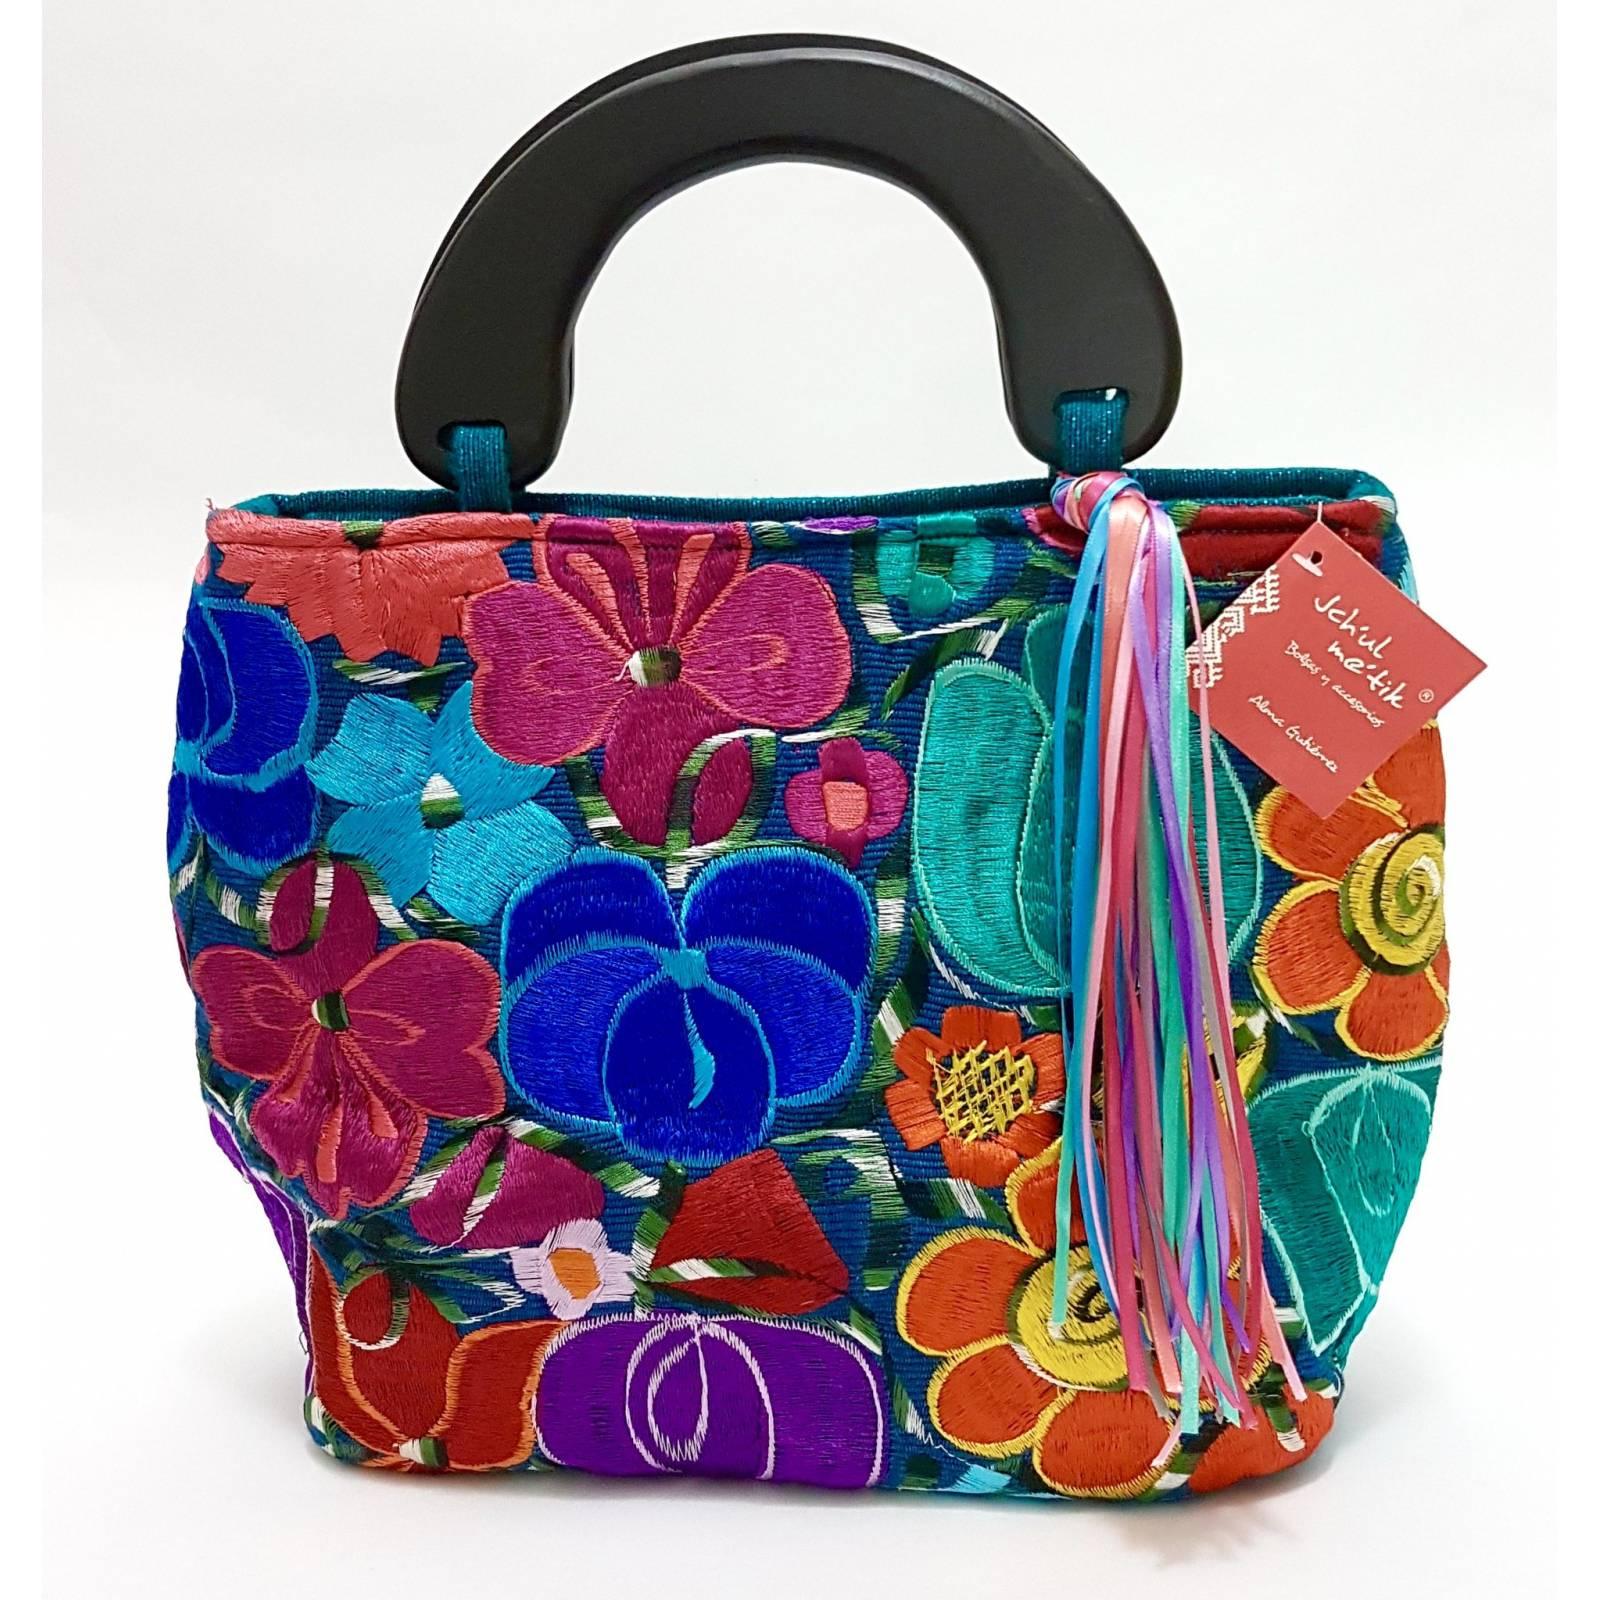 Bolsa De Diseñadora Mexicana Con Bordado Artesanal Chiapanenco Jchul metik Modelo Luna Flores 1